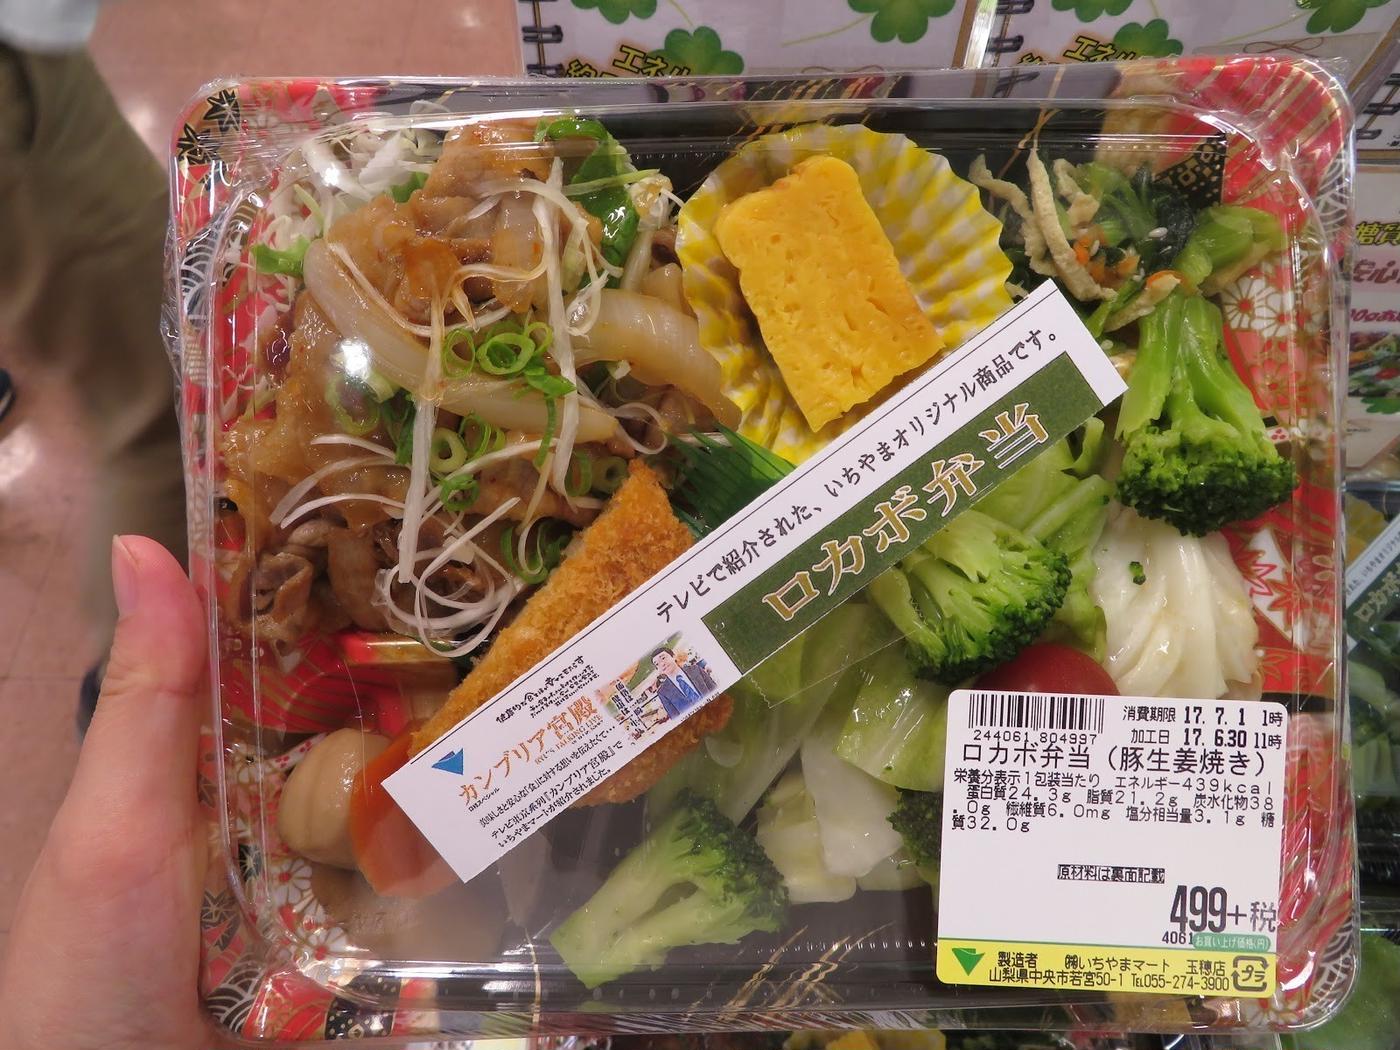 ロカボ弁当-豚生姜焼き